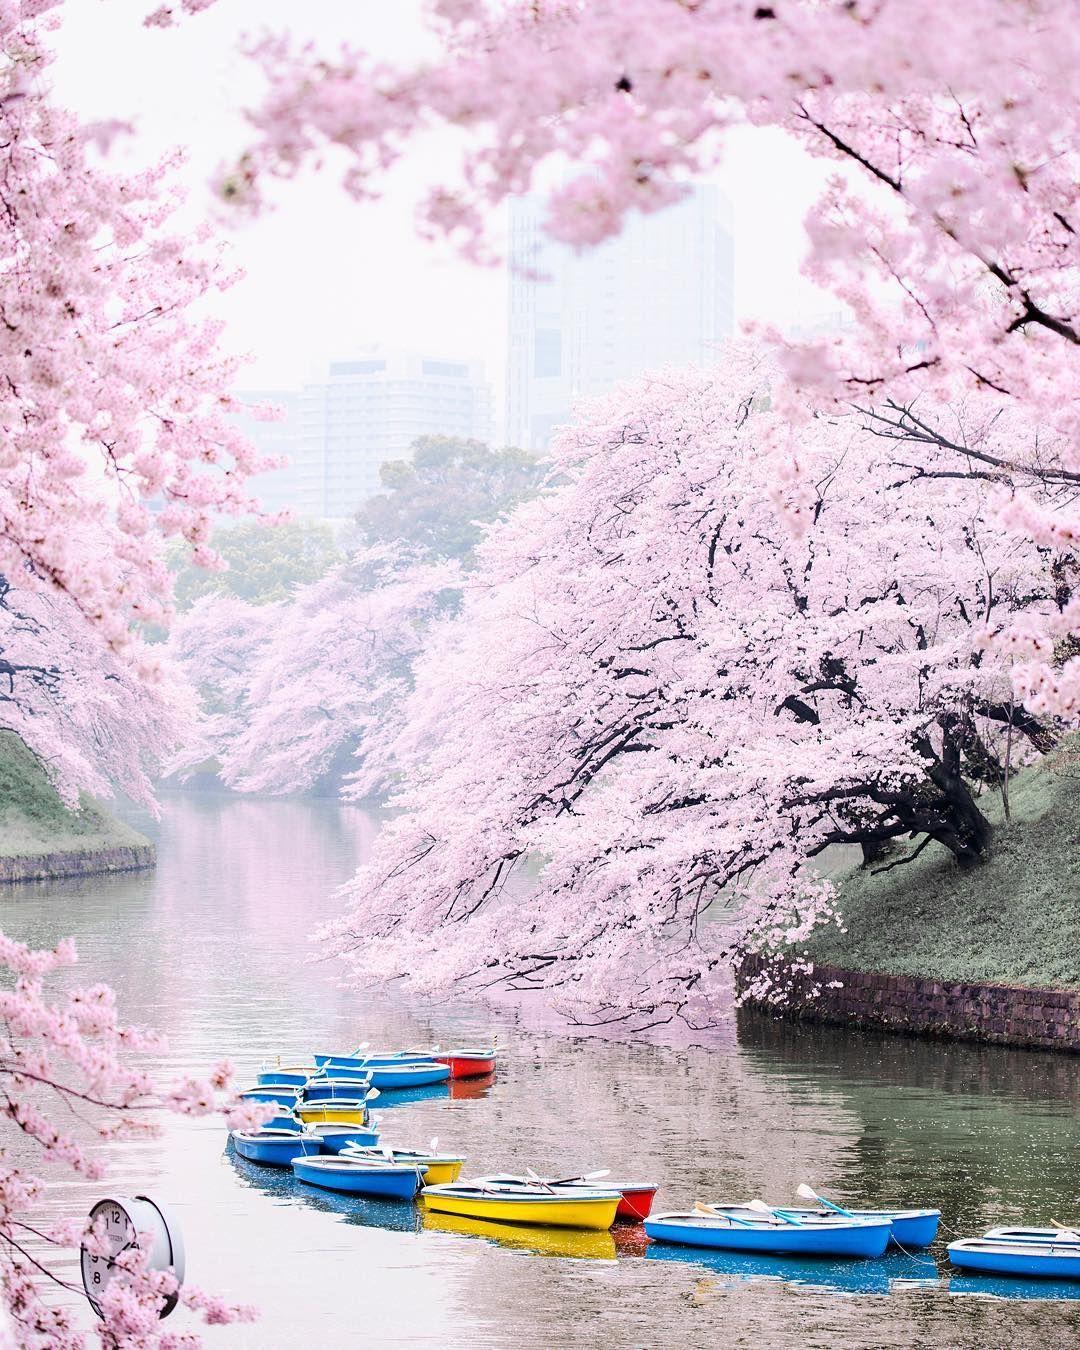 Cherry blossom dating asian men